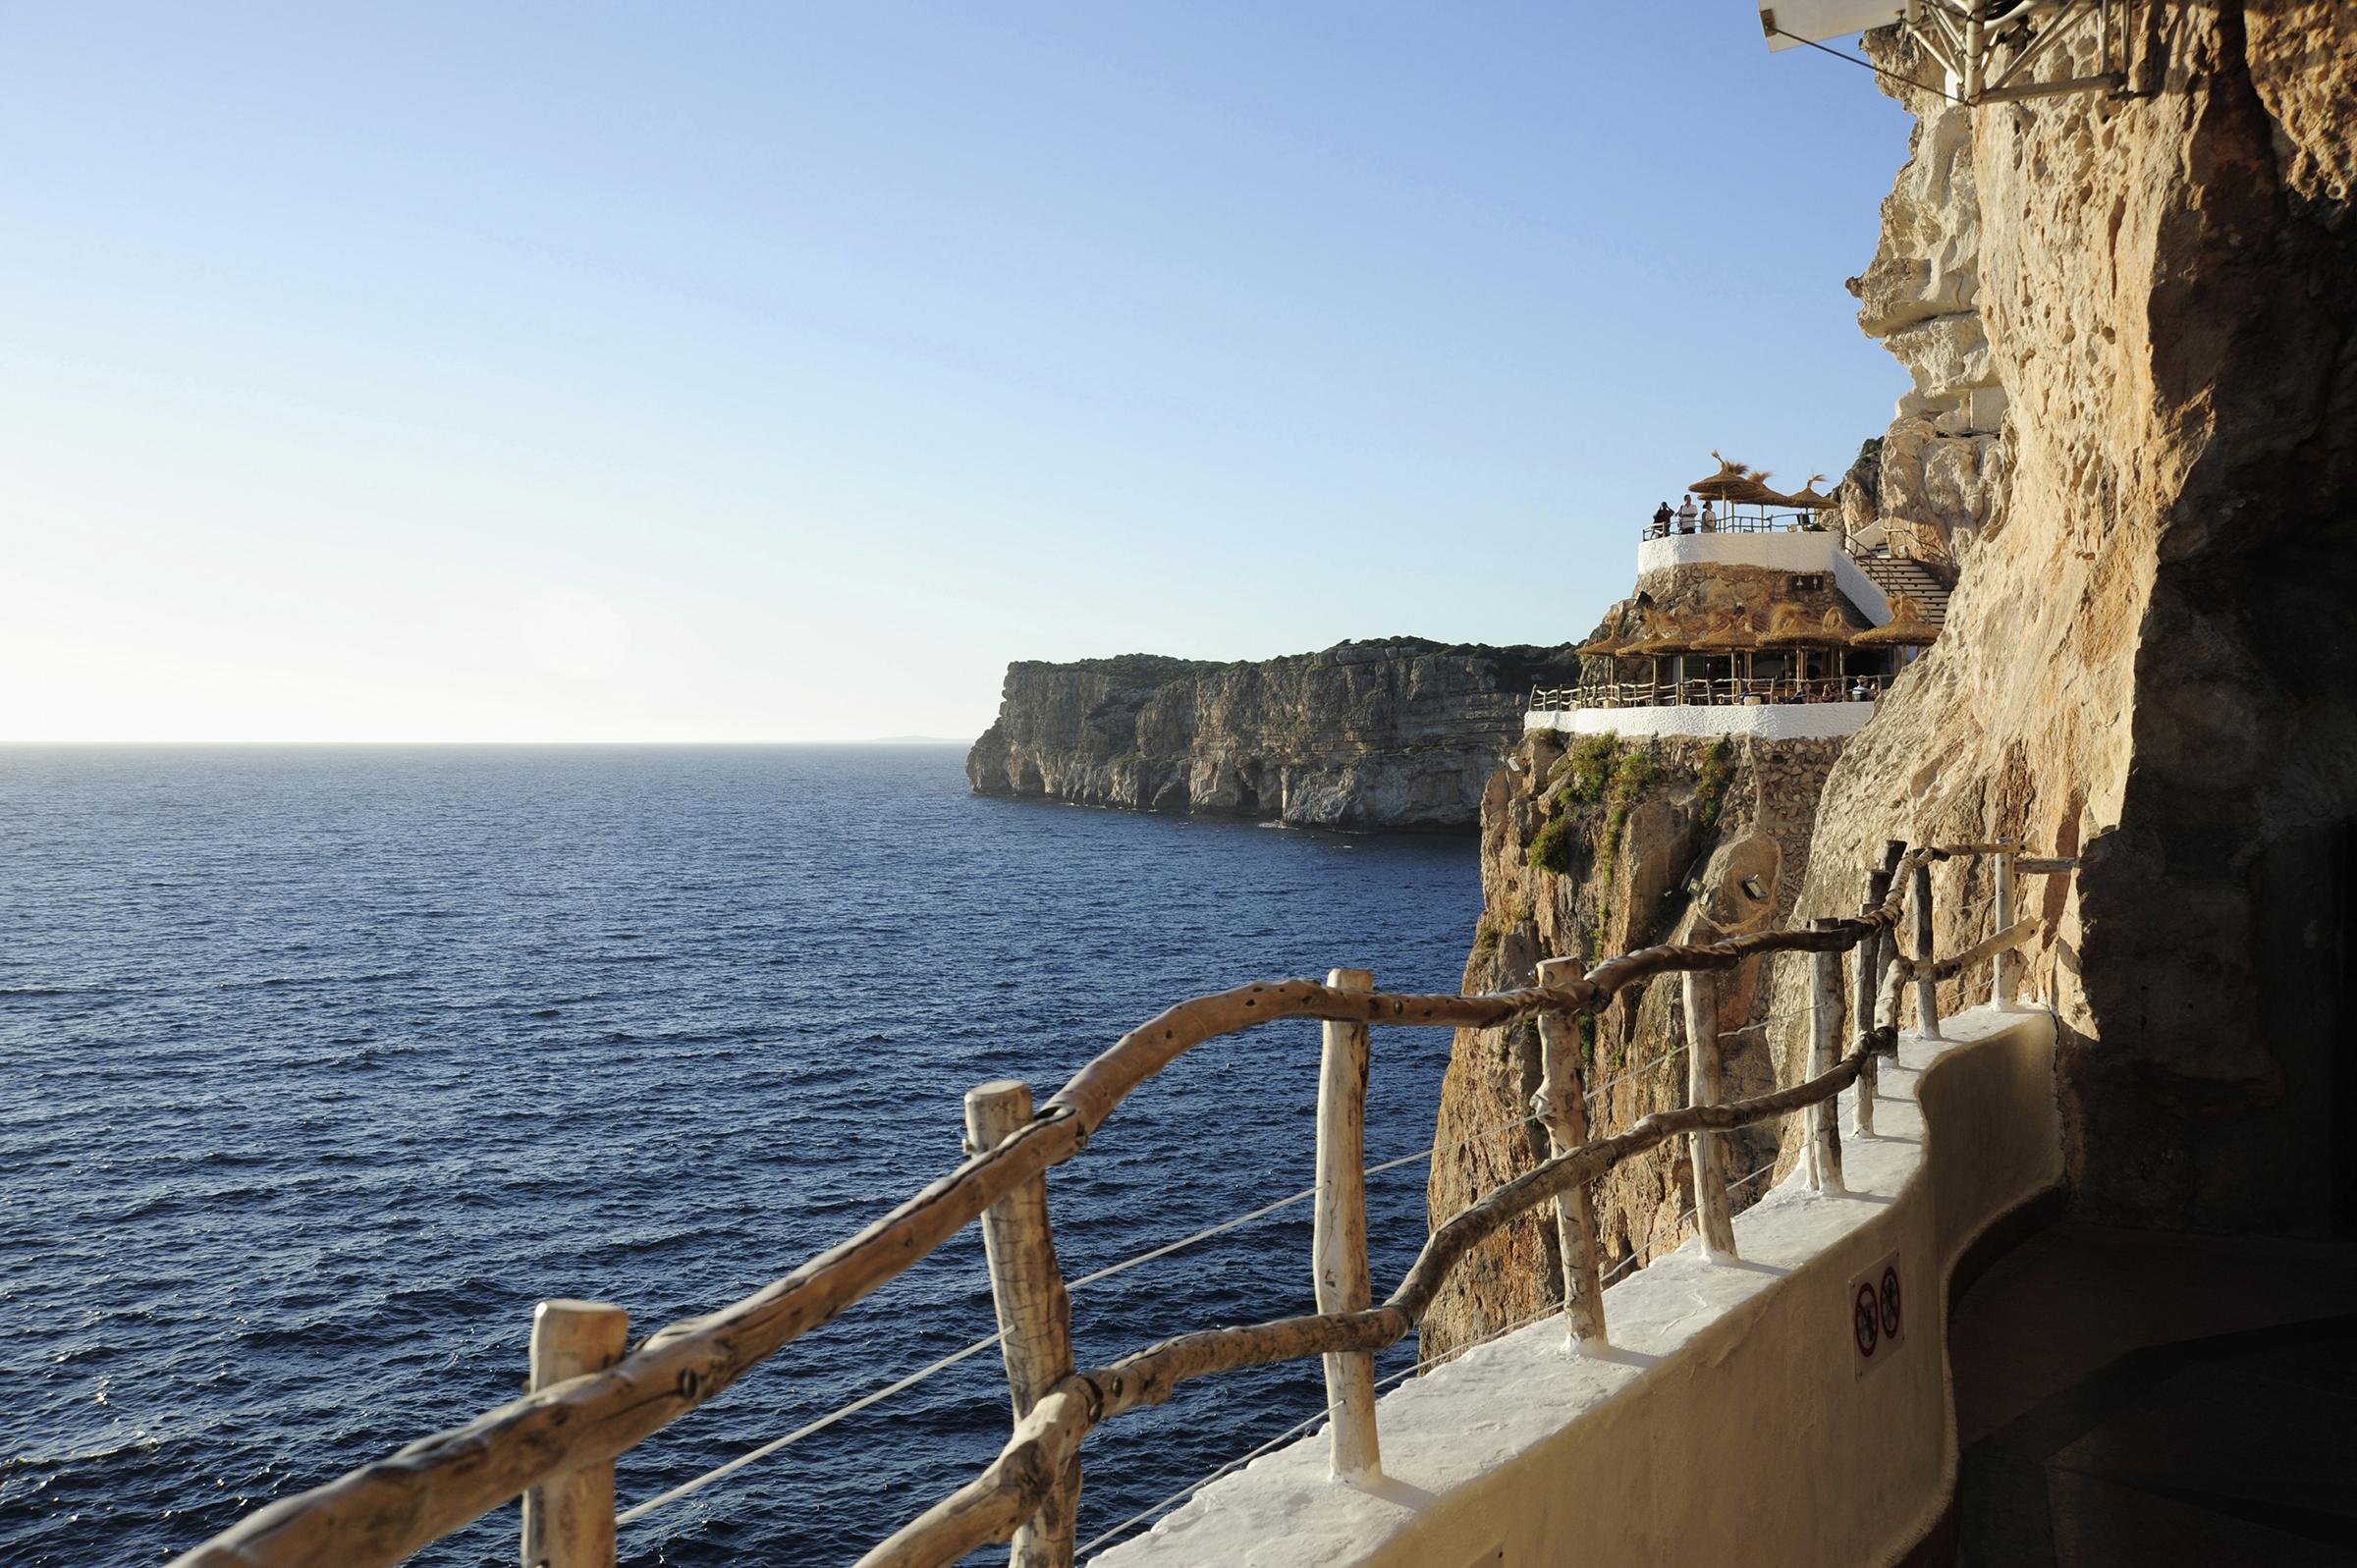 Il meglio per fare festa Cova den Xoroi Minorca Spagna